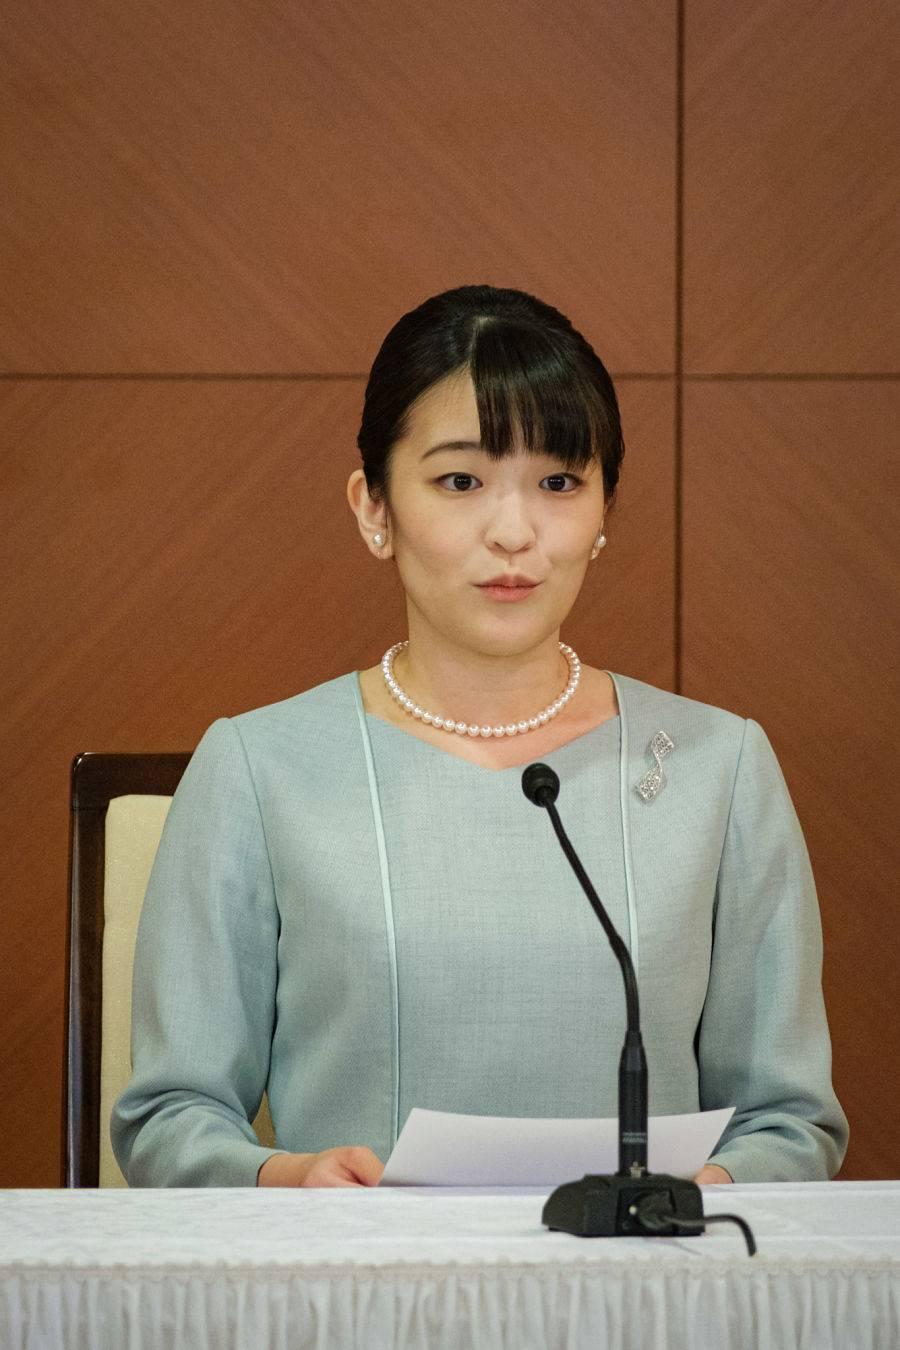 La princesa Mako de Japón se casa después de años de controversia